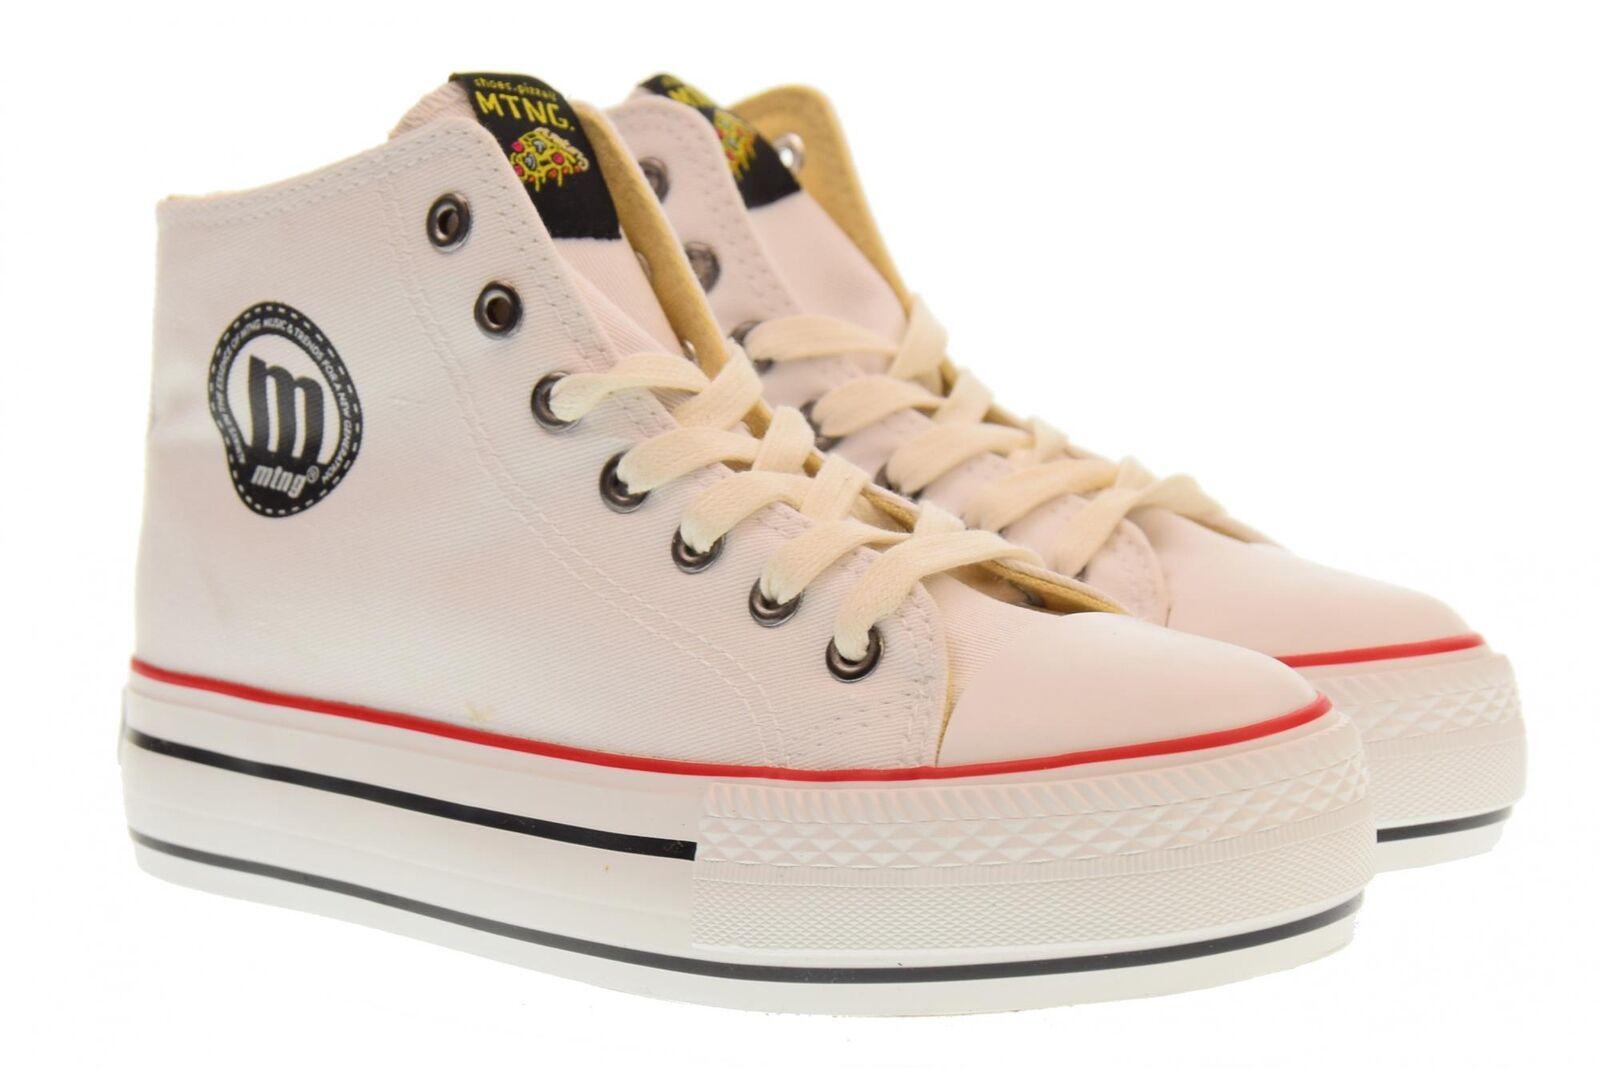 Zapatos de Mujer Alto Plataforma mtng A18u tenis tenis tenis 69458 I222 más grande-K  100% precio garantizado